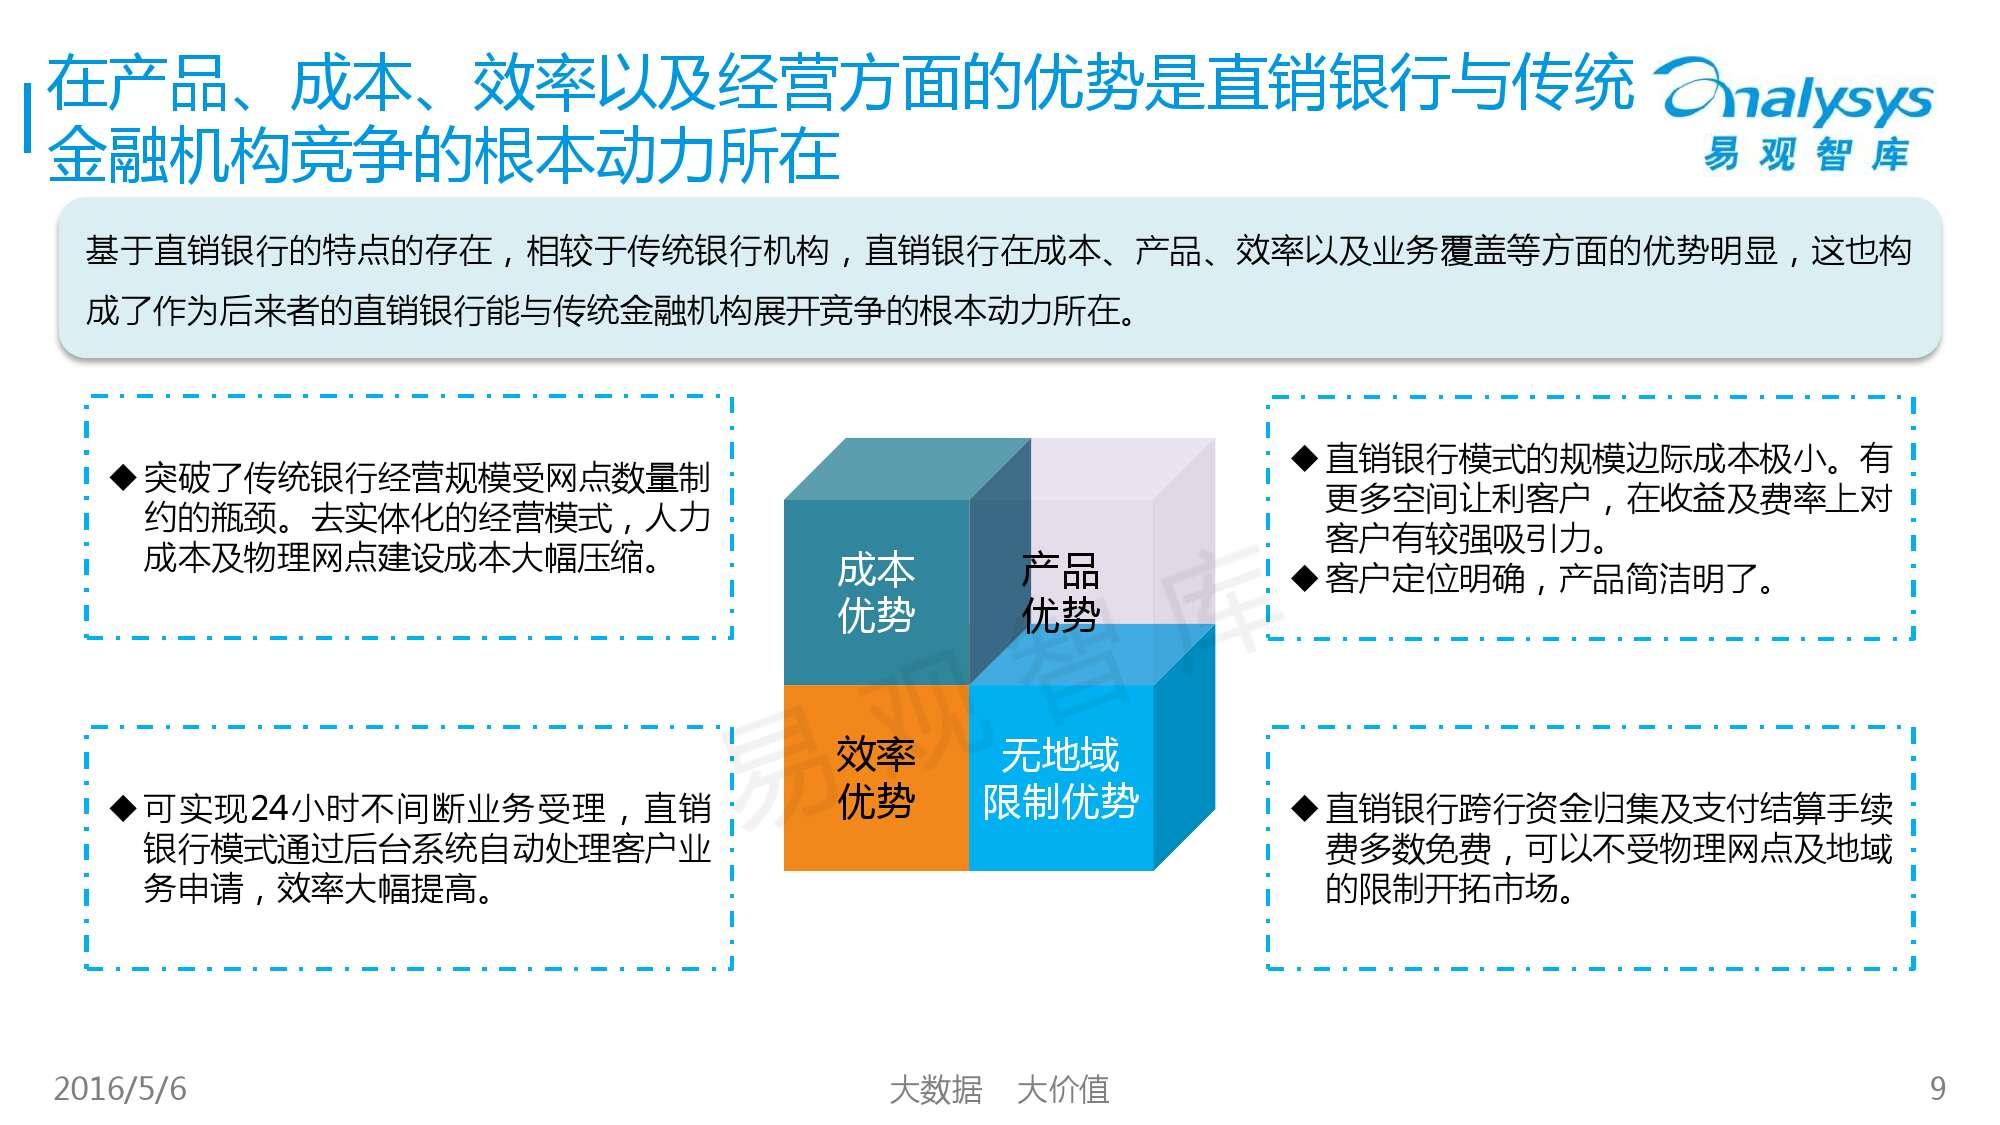 2016年中国直销银行市场专题研究报告_000009